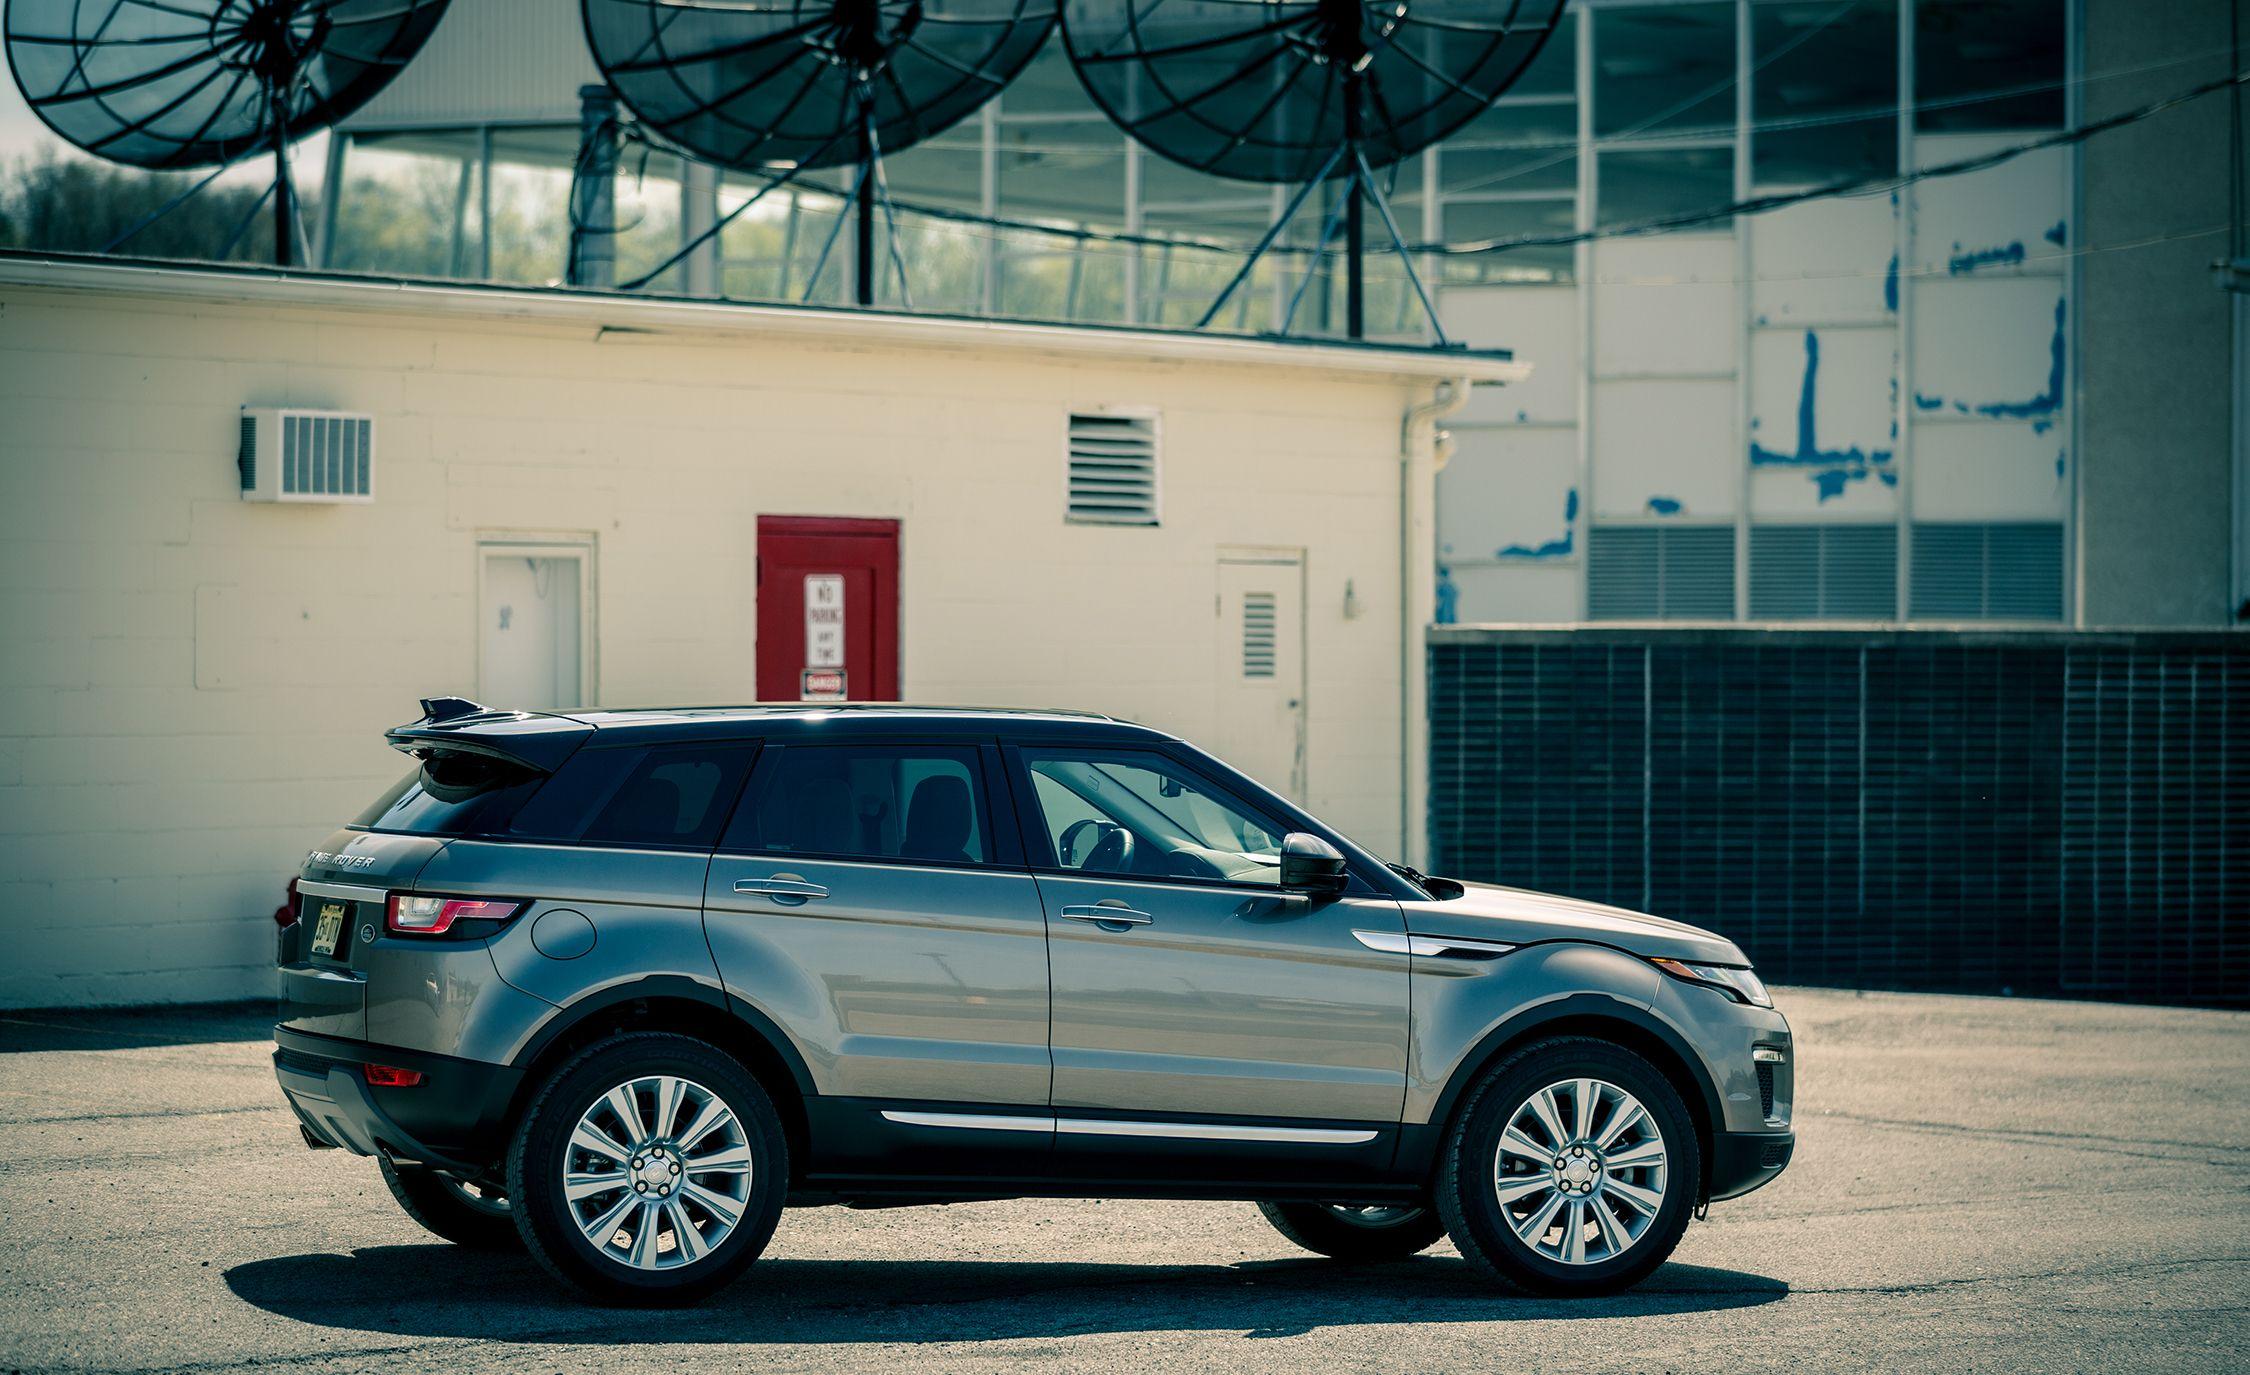 Range Rover Evoque Interior >> 2017 Land Rover Range Rover Evoque In Depth Model Review Car